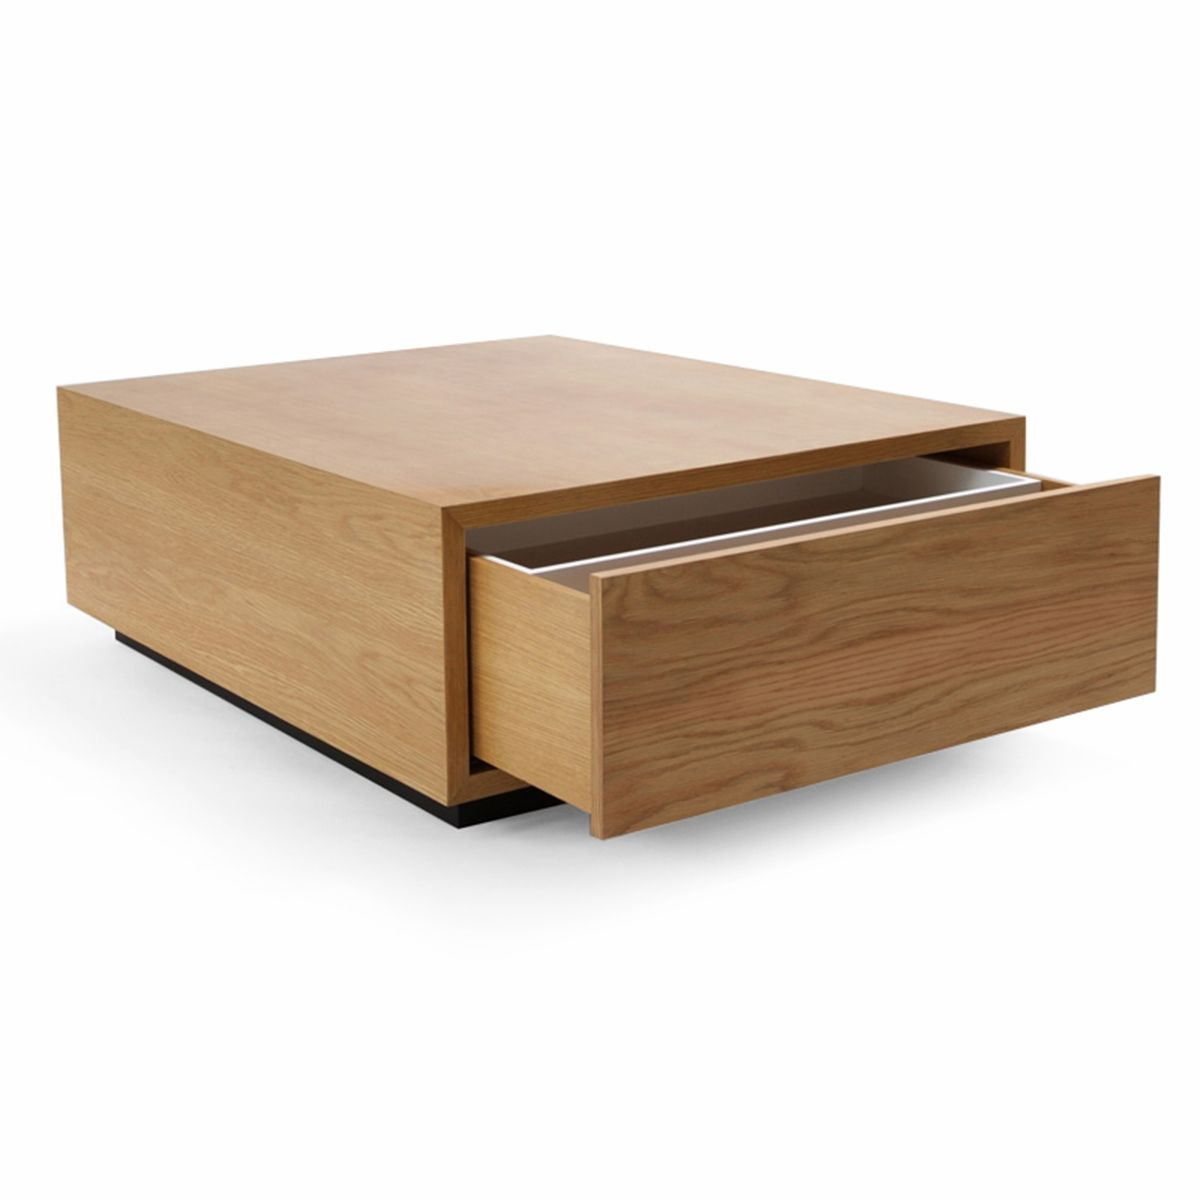 Sean Dix Matchbox Coffee Table In 2021 Minimal Coffee Table Design Coffee Table Minimal Coffee Table [ 1200 x 1200 Pixel ]